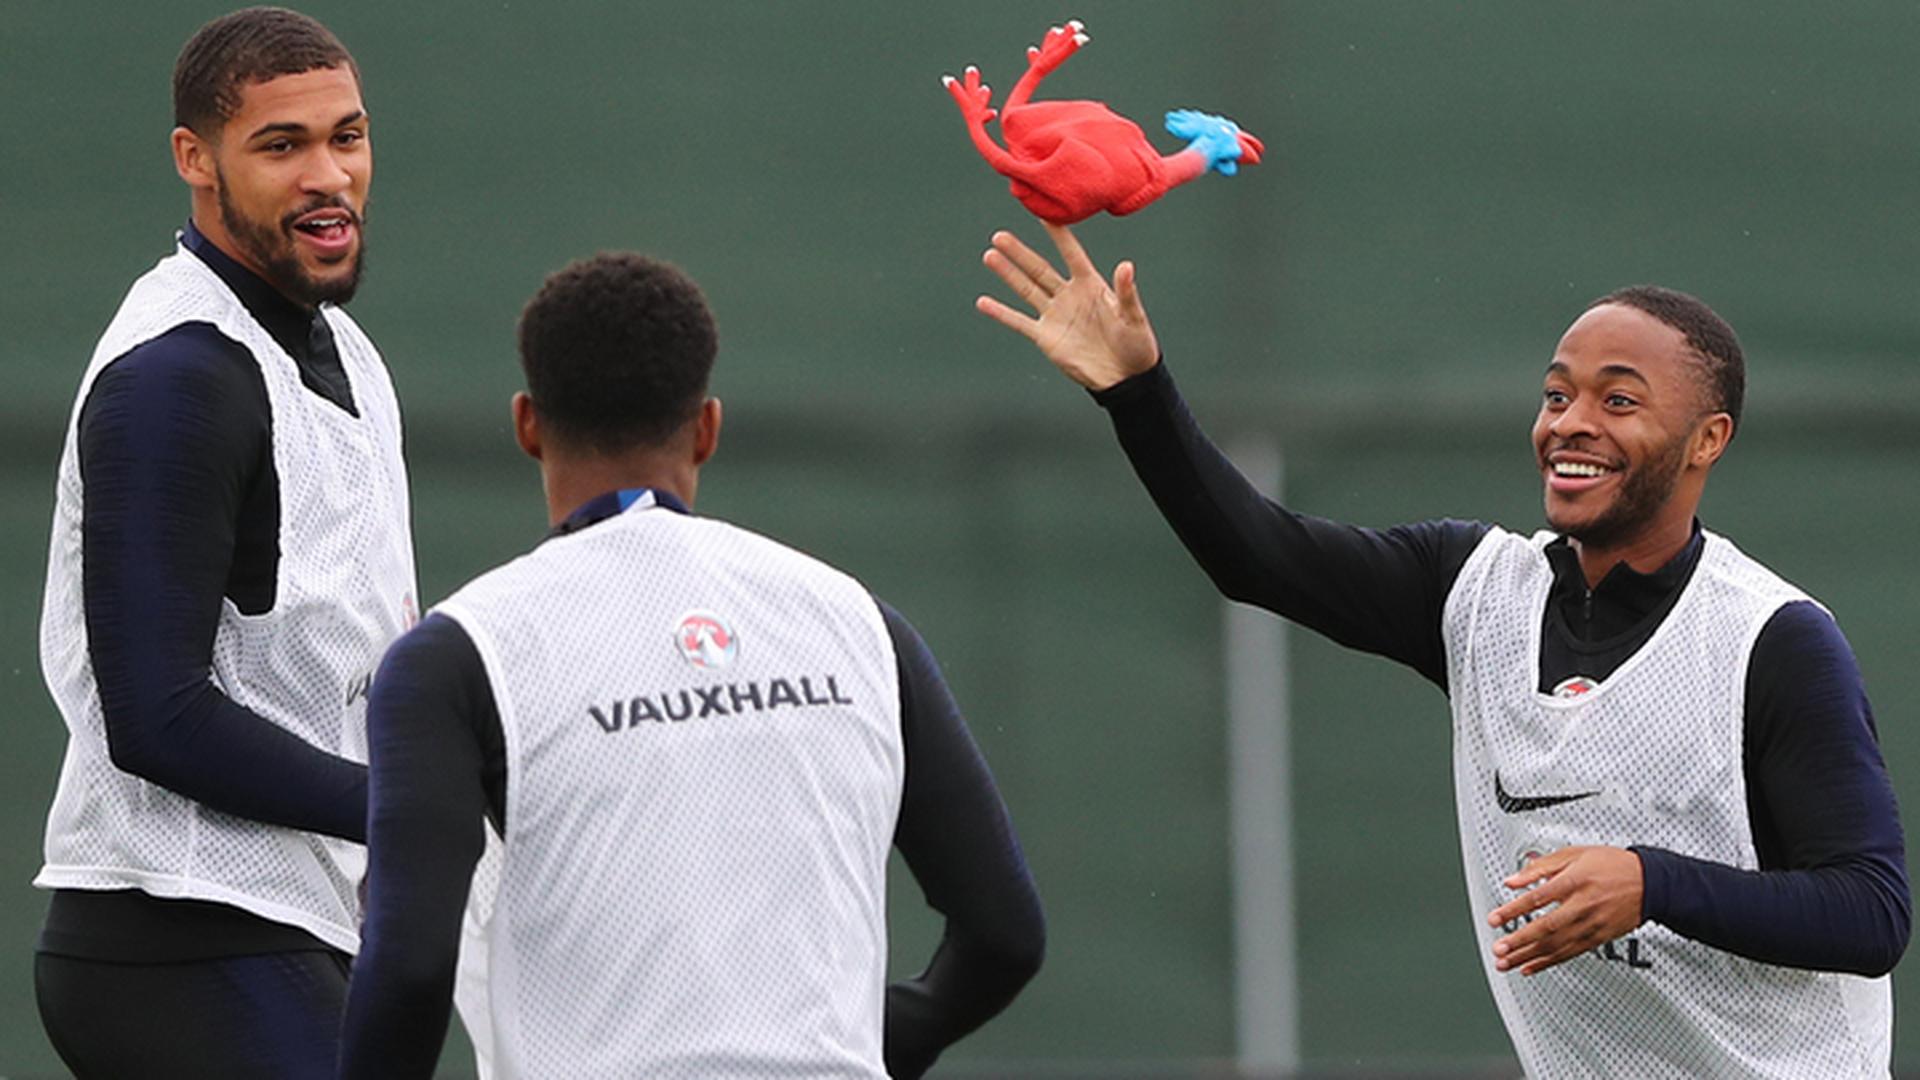 Сборная Англии тренировала отбор с помощью резиновых петухов